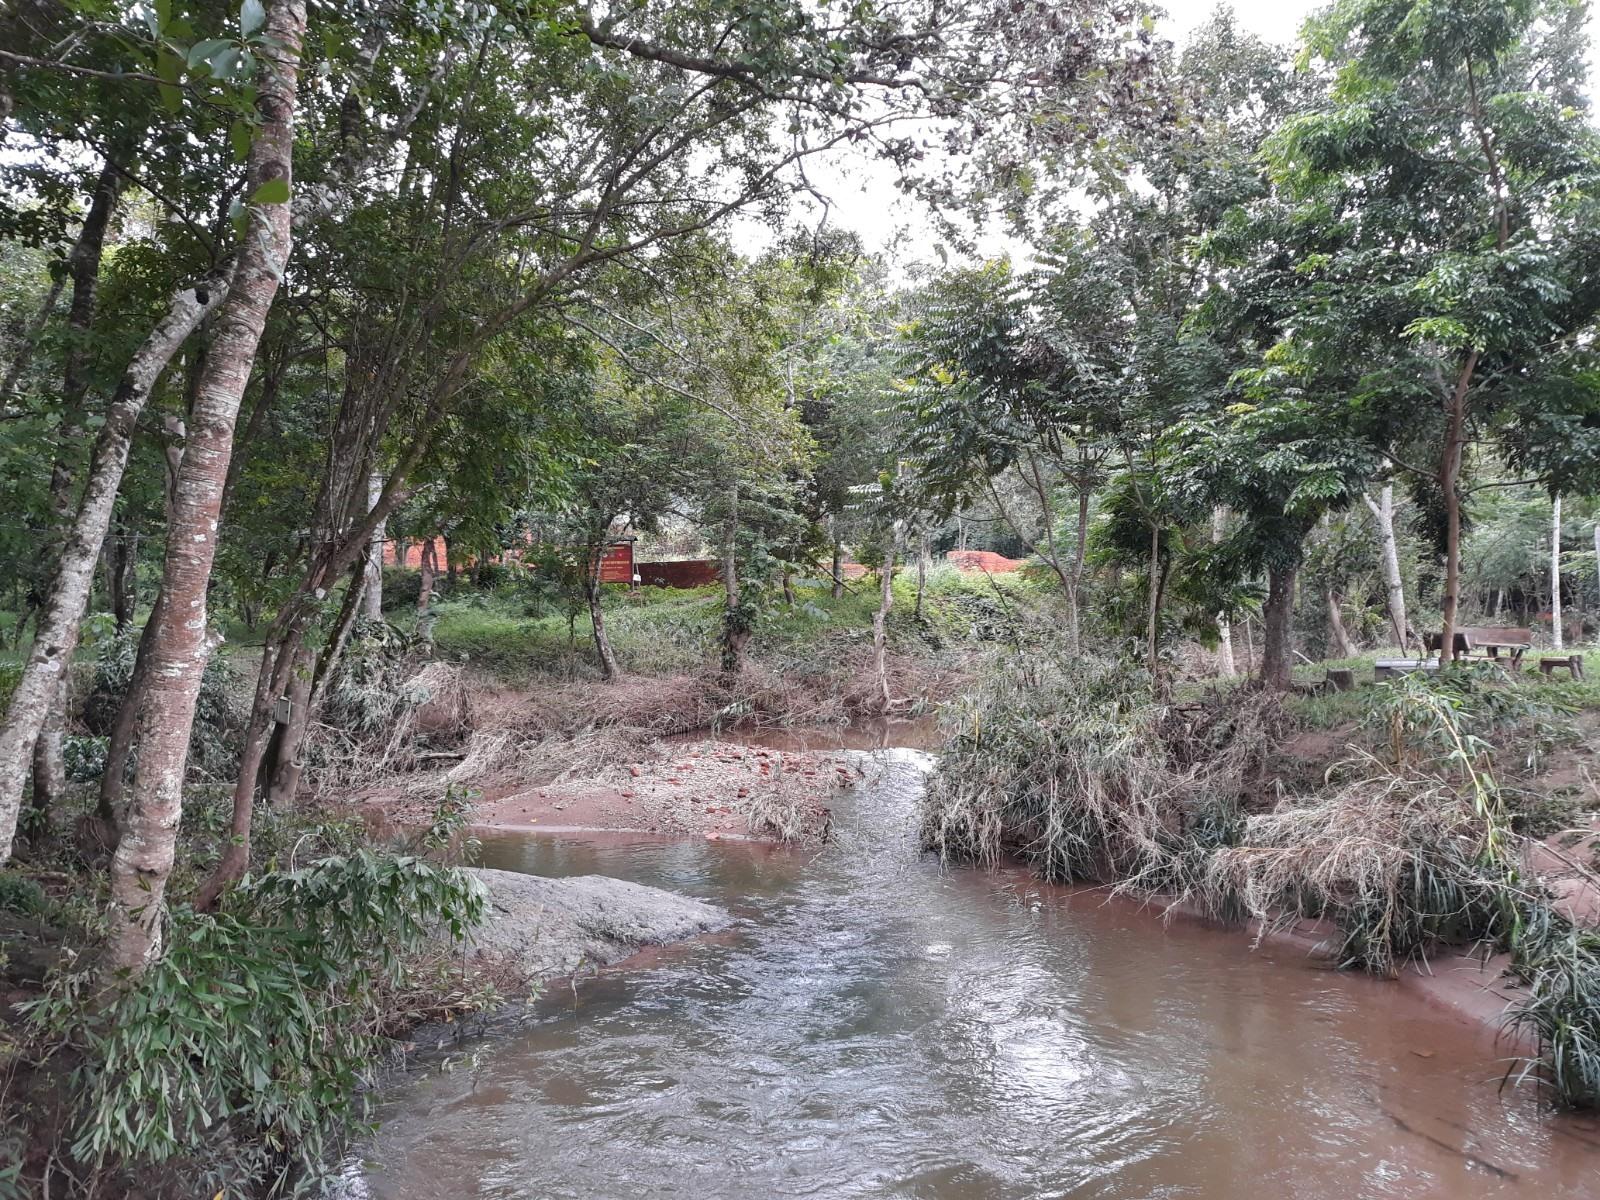 Nhiều đoạn suối Khe Thẻ bị xói lở sau đợt mưa lũ hồi giữa tháng 10, hiện chưa kịp khắc phục. Ảnh: B.A